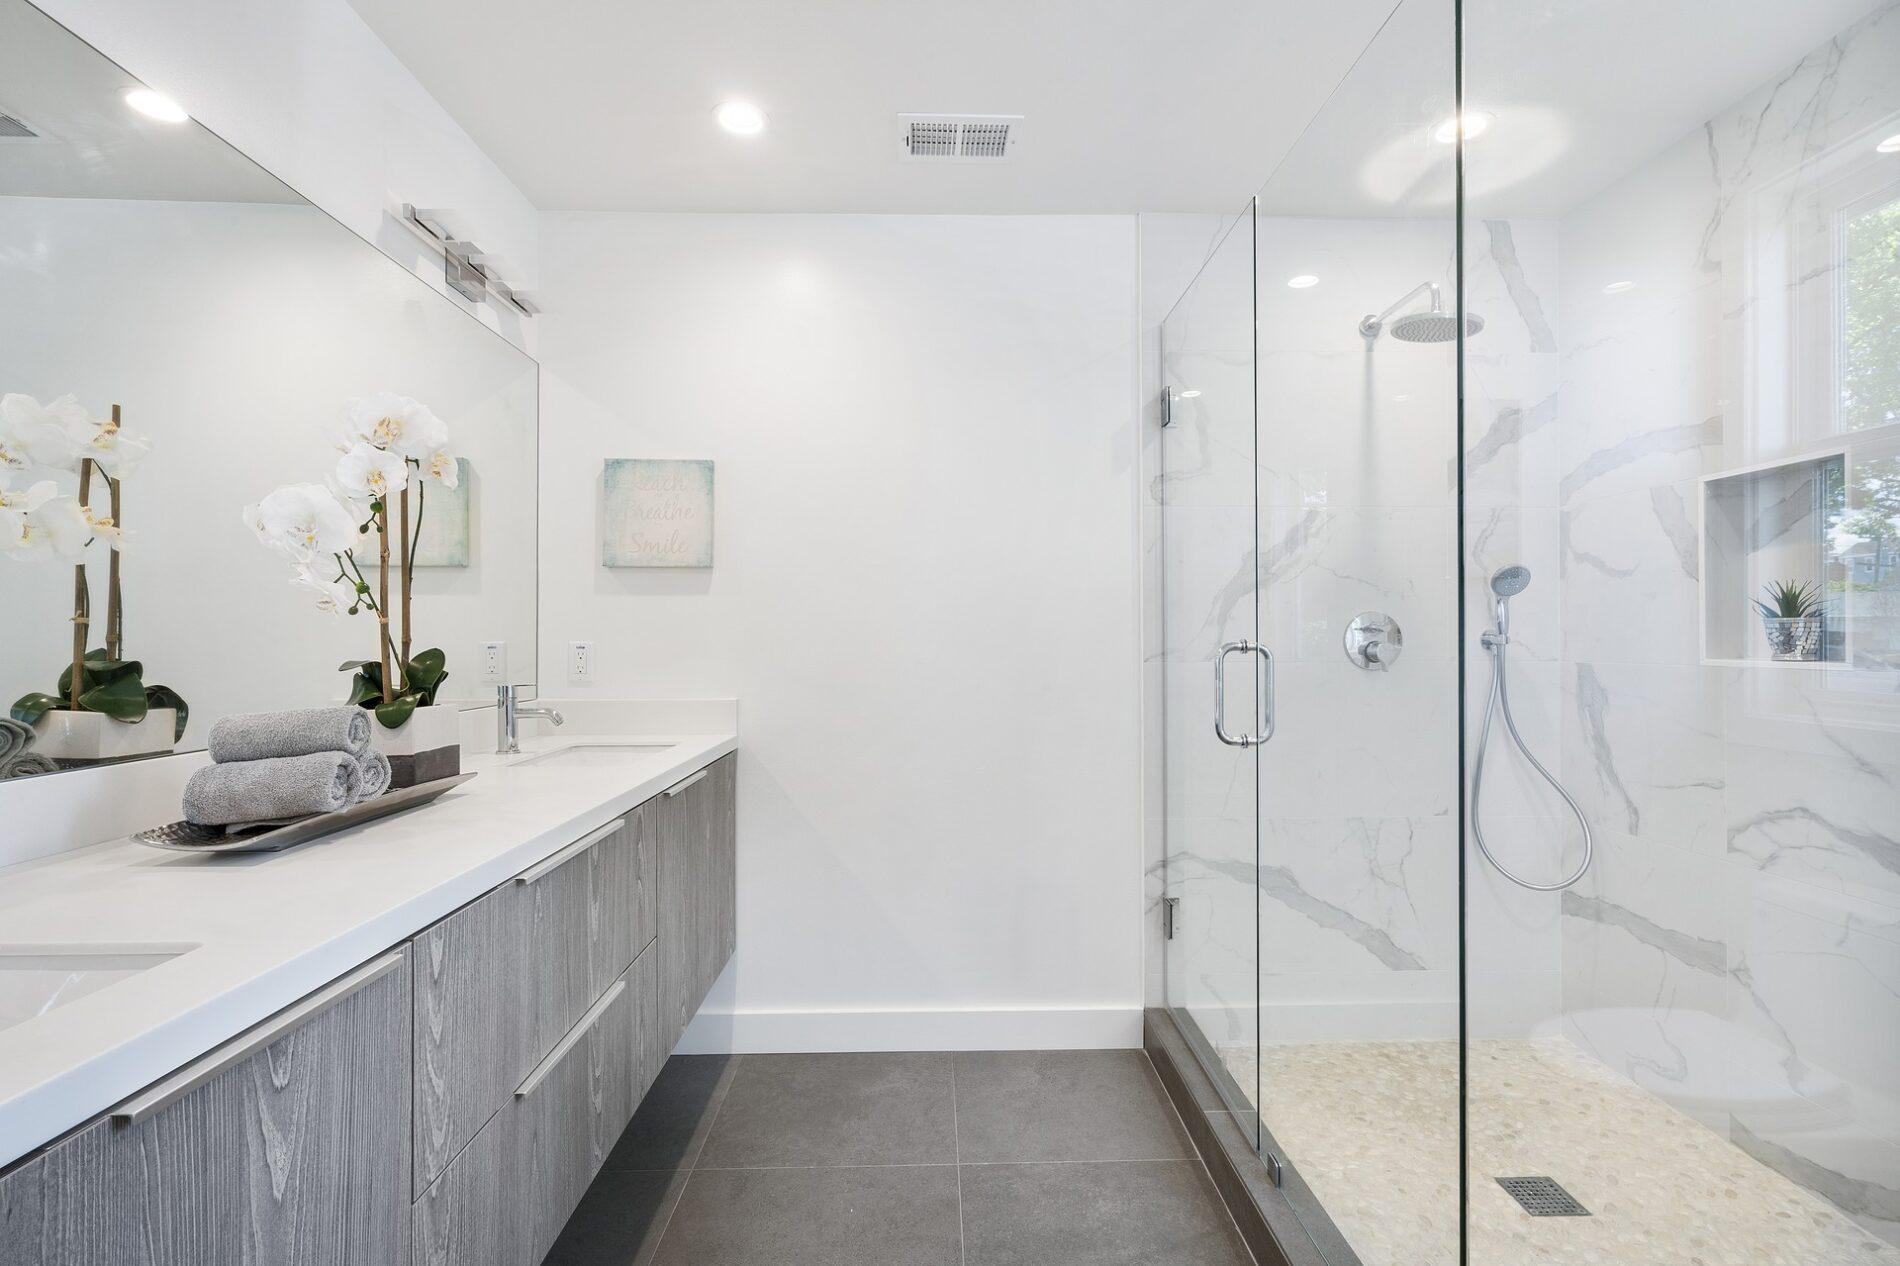 Kupatilska Oprema Tus Kabine